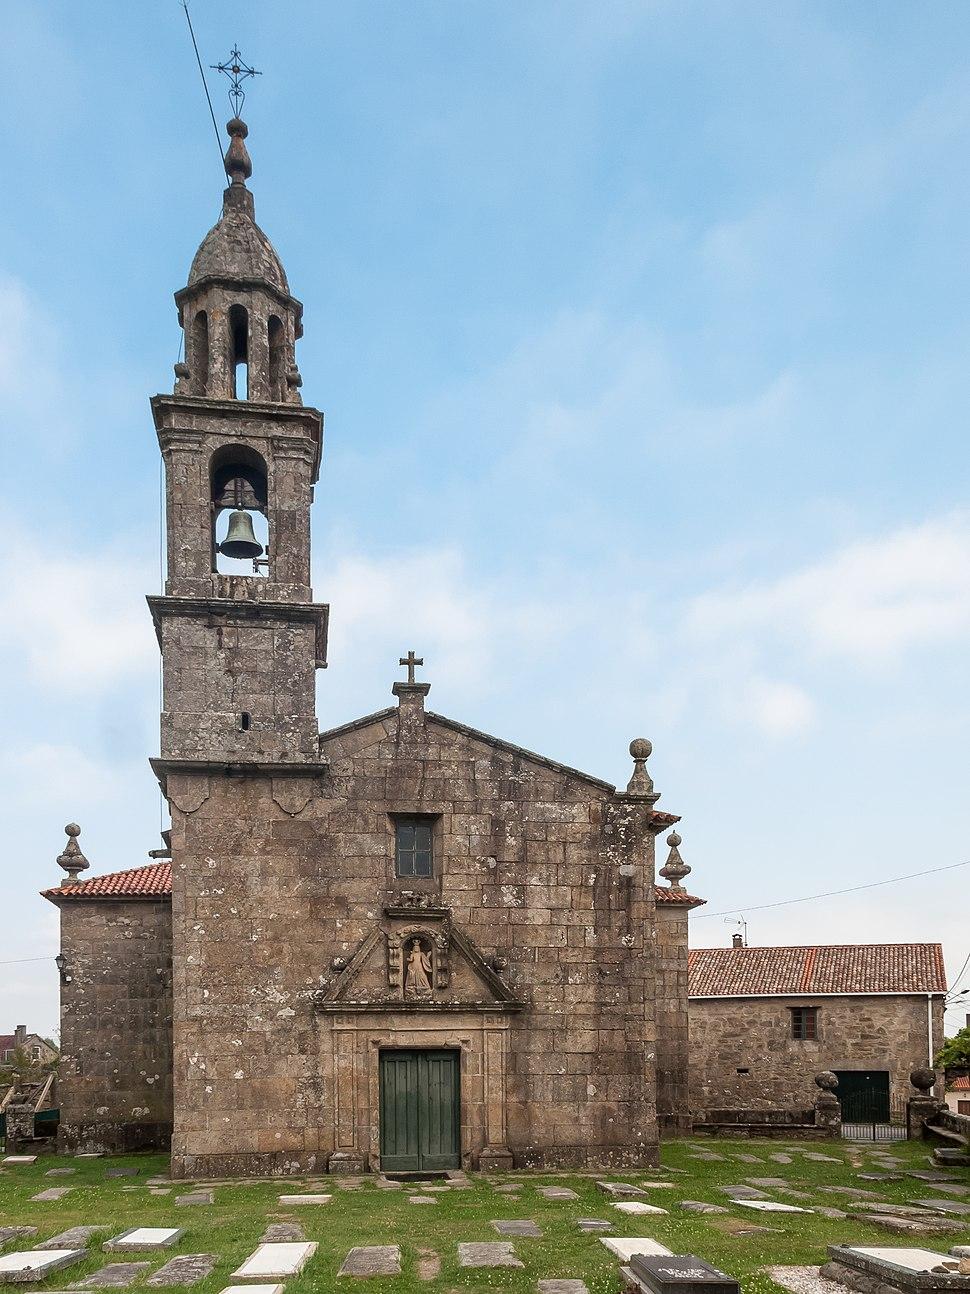 Igrexa parroquial de Dodro. Dodro. Galiza-2